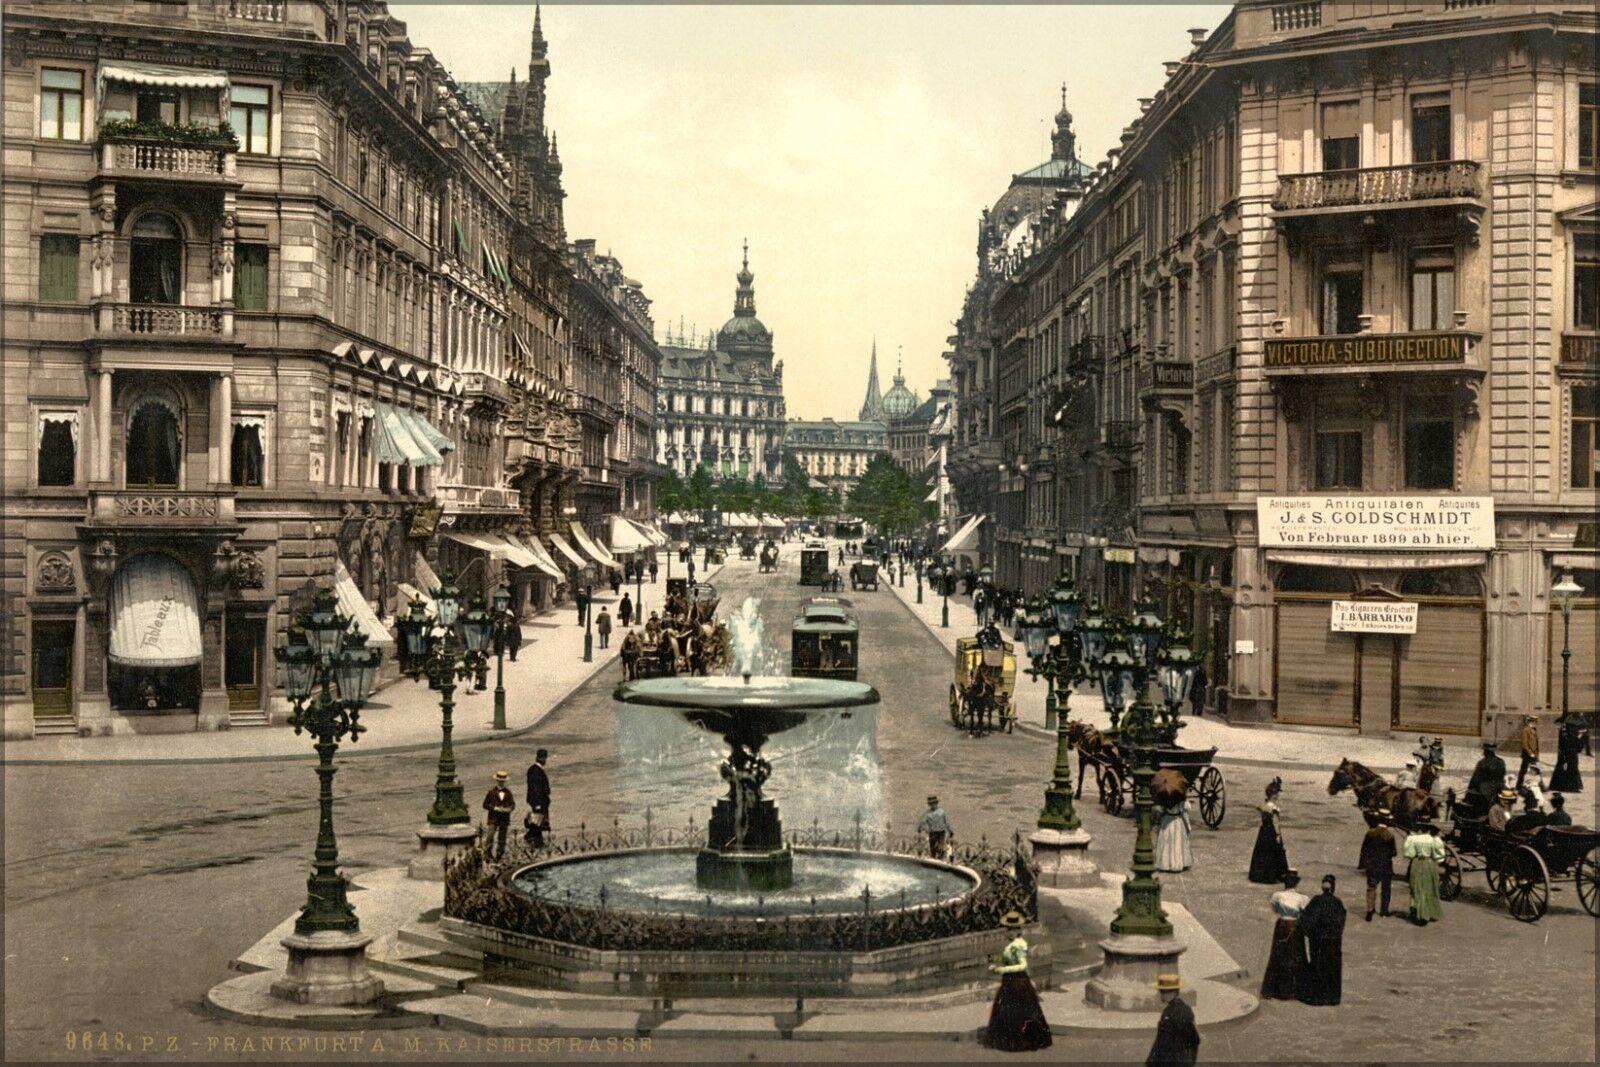 Poster, Many Größes; Kaiserstrasse, Frankfort On Main, Germany 1890 Photochrom